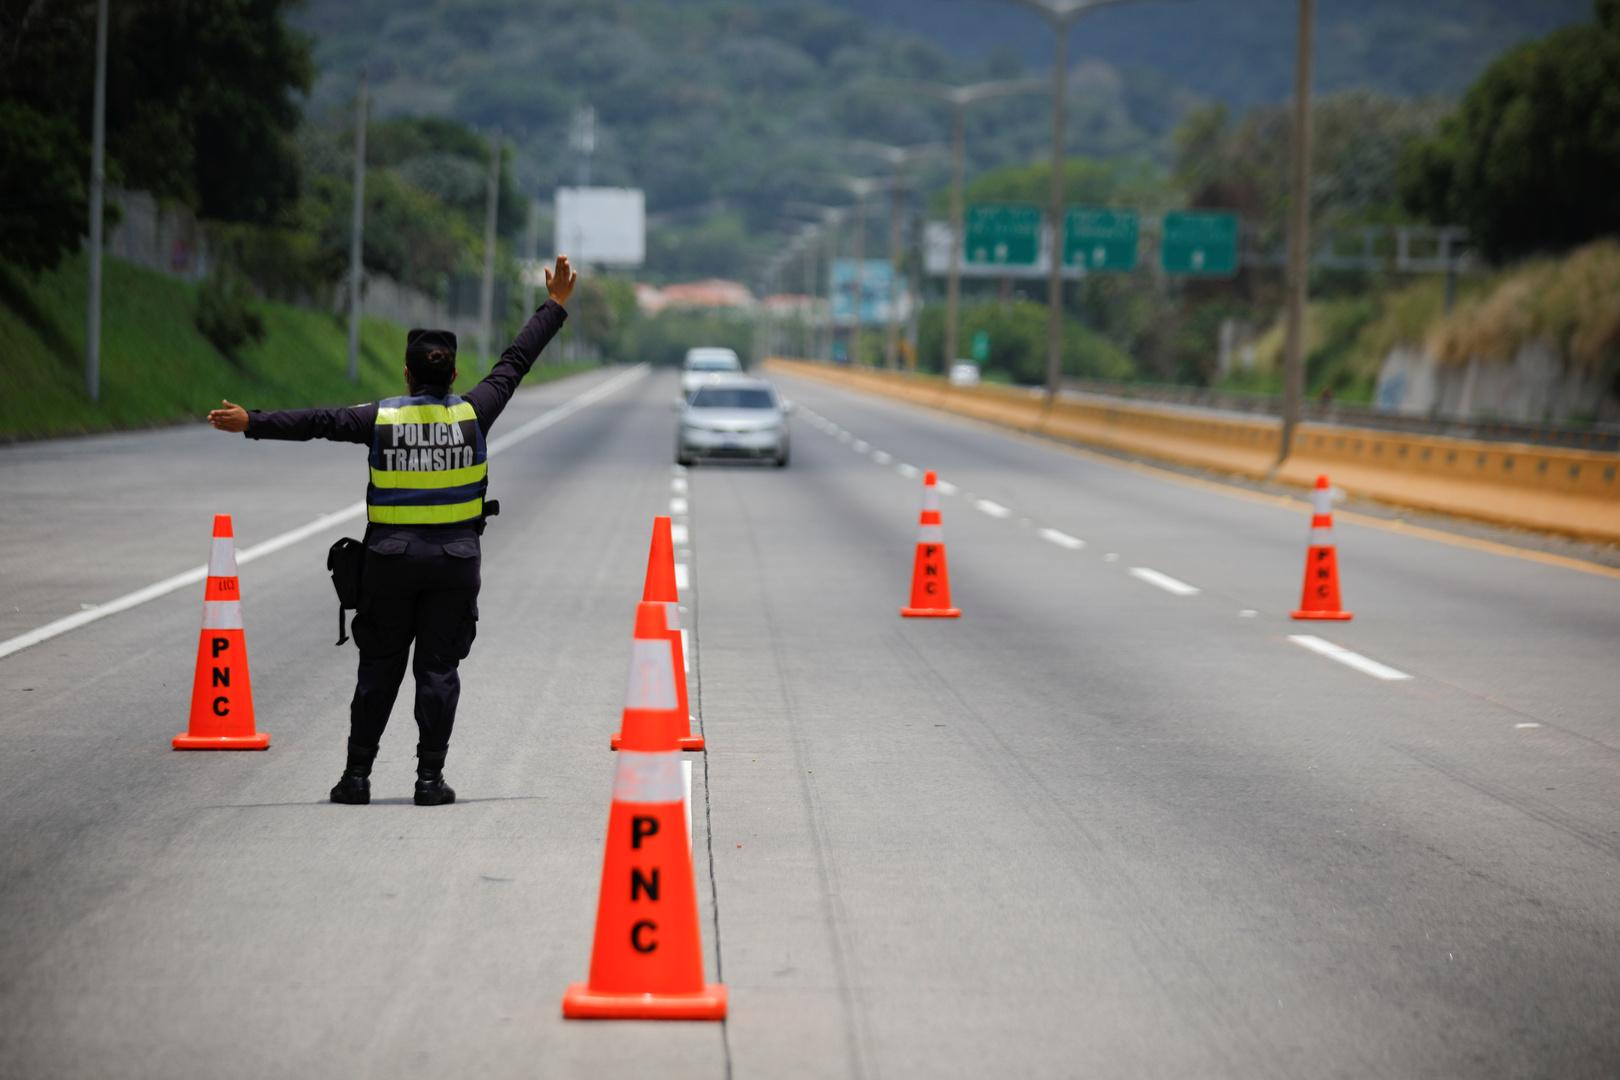 المحكمة العليا في السلفادور تقضي بتعليق حالة الطوارئ -